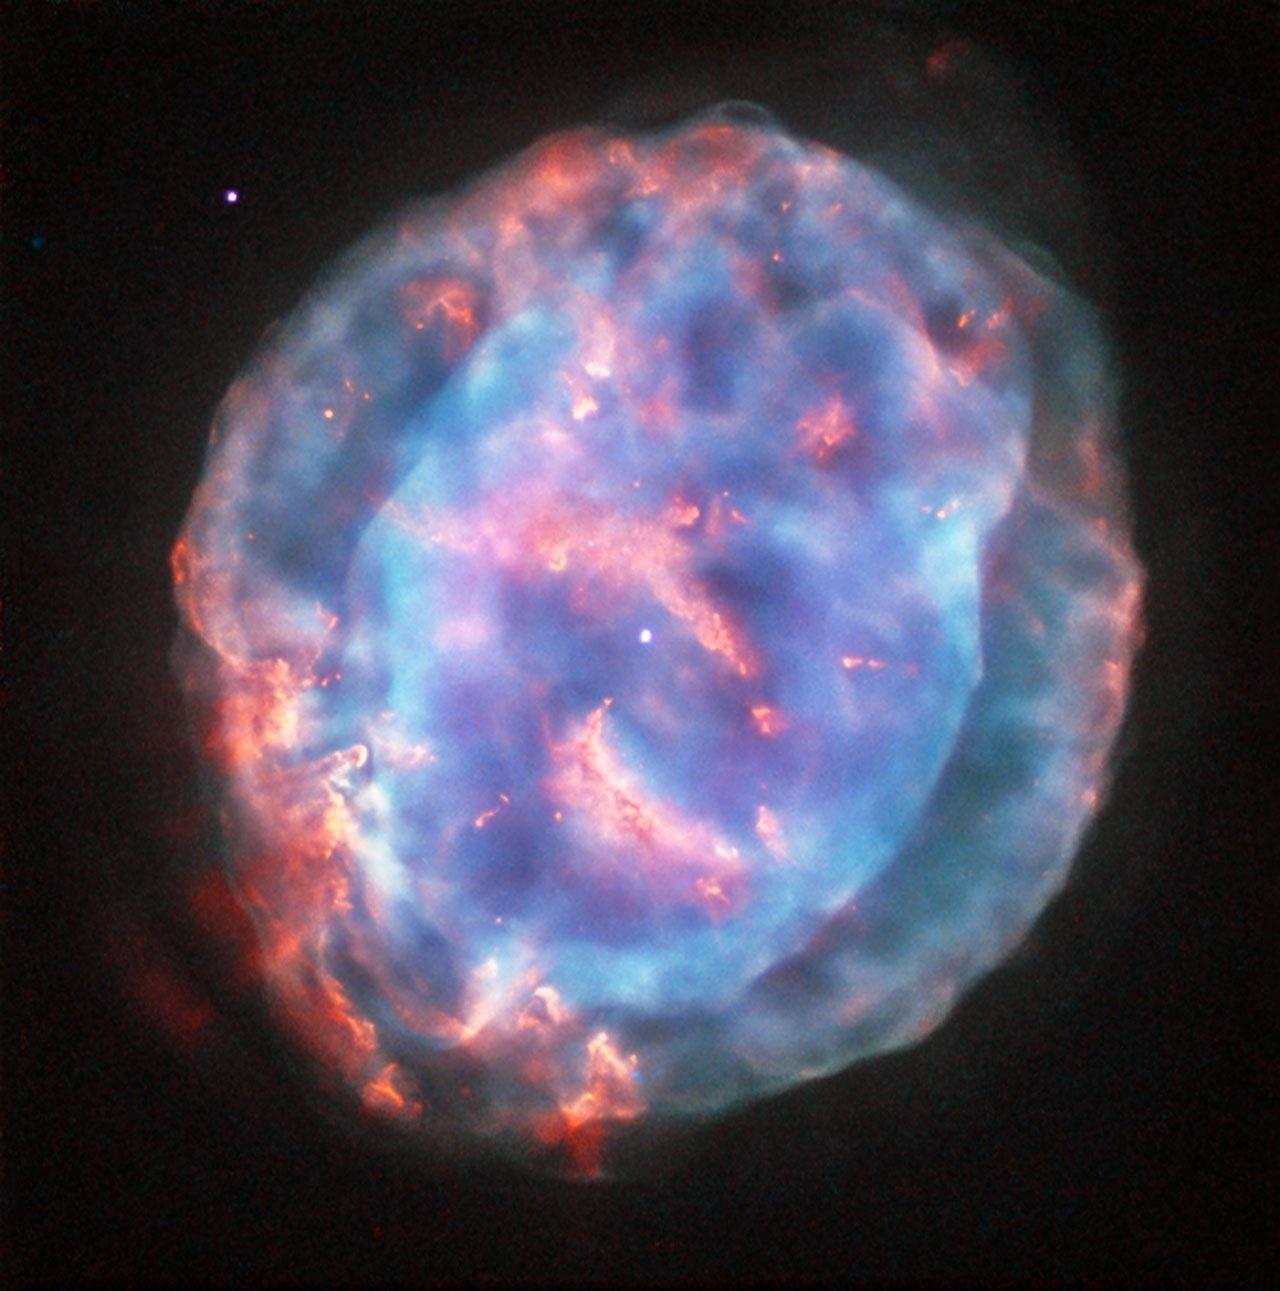 """7.nov.2016 - NEBULOSA ROSA E AZUL- O telescópio espacial Hubble fotografou a nebulosa planetária NGC 6818 e usou uma mistura de filtros para ressaltar as cores e """"exibi-la em toda sua beleza"""", de acordo com a ESA (Agência Espacial Europeia). Essa linda nuvem de gás foi formada há cerca de 3.500 anos, quando uma estrela parecida com o Sol chegou ao fim de sua vida e ejetou suas camadas no espaço. Enquanto as camadas de material estelar se espalhavam elas ganhavam novas e incomuns formas"""